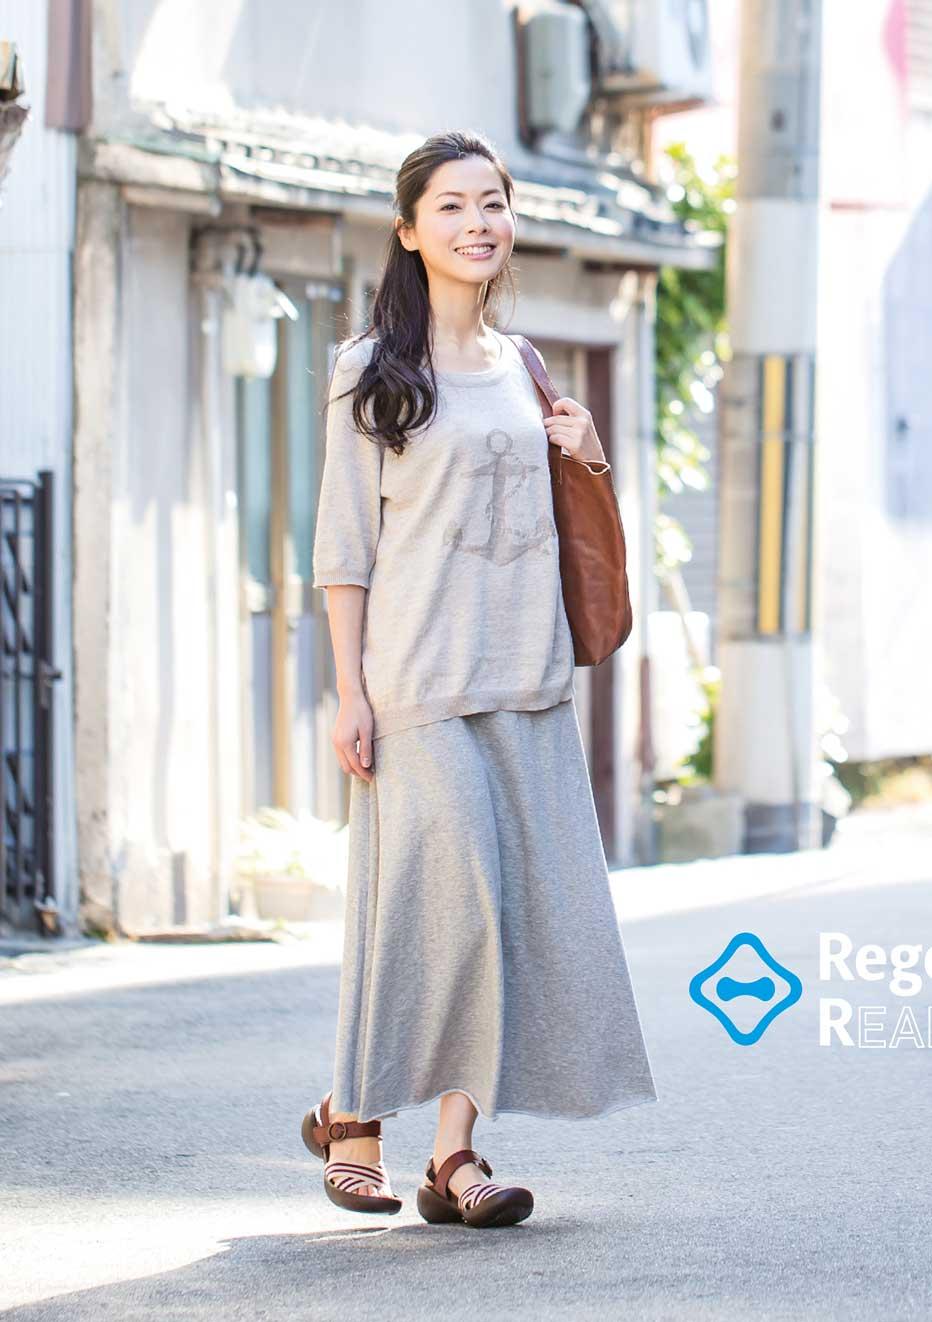 regettacanoe-04